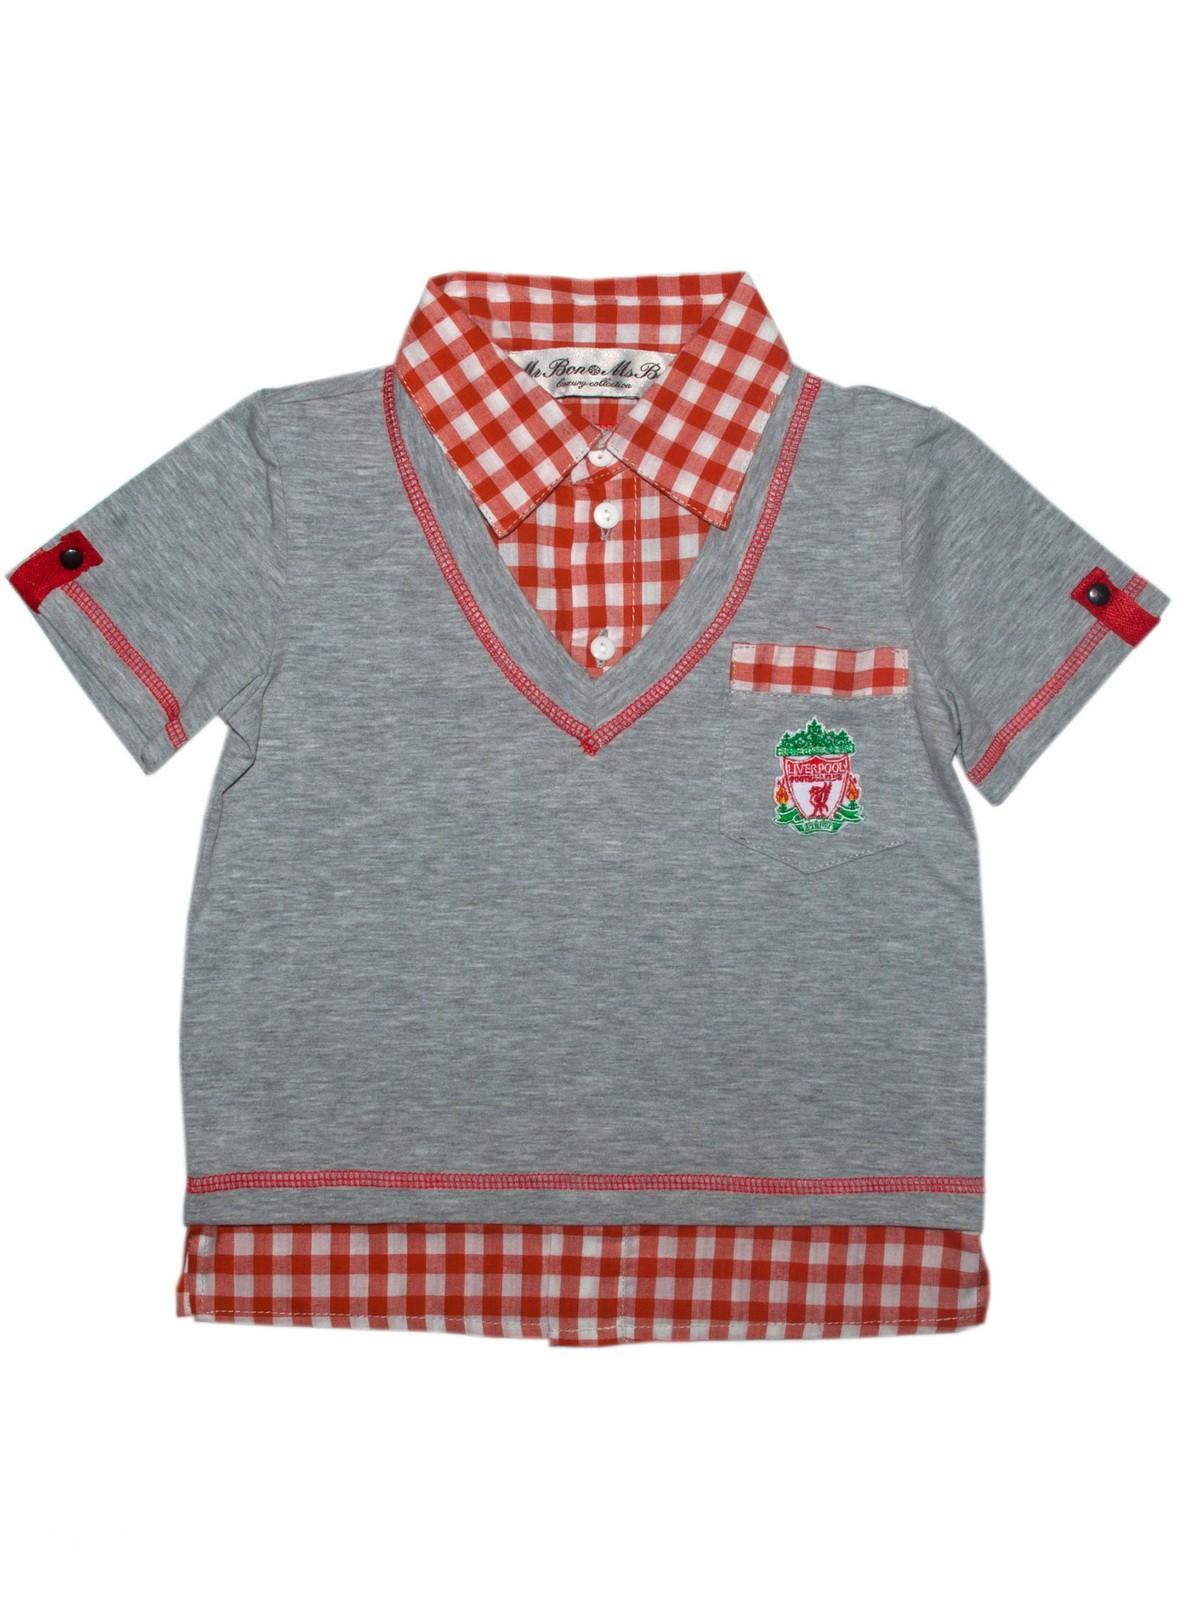 Рубашка для мальчика Bon&Bon р.92 98 цв.серый,